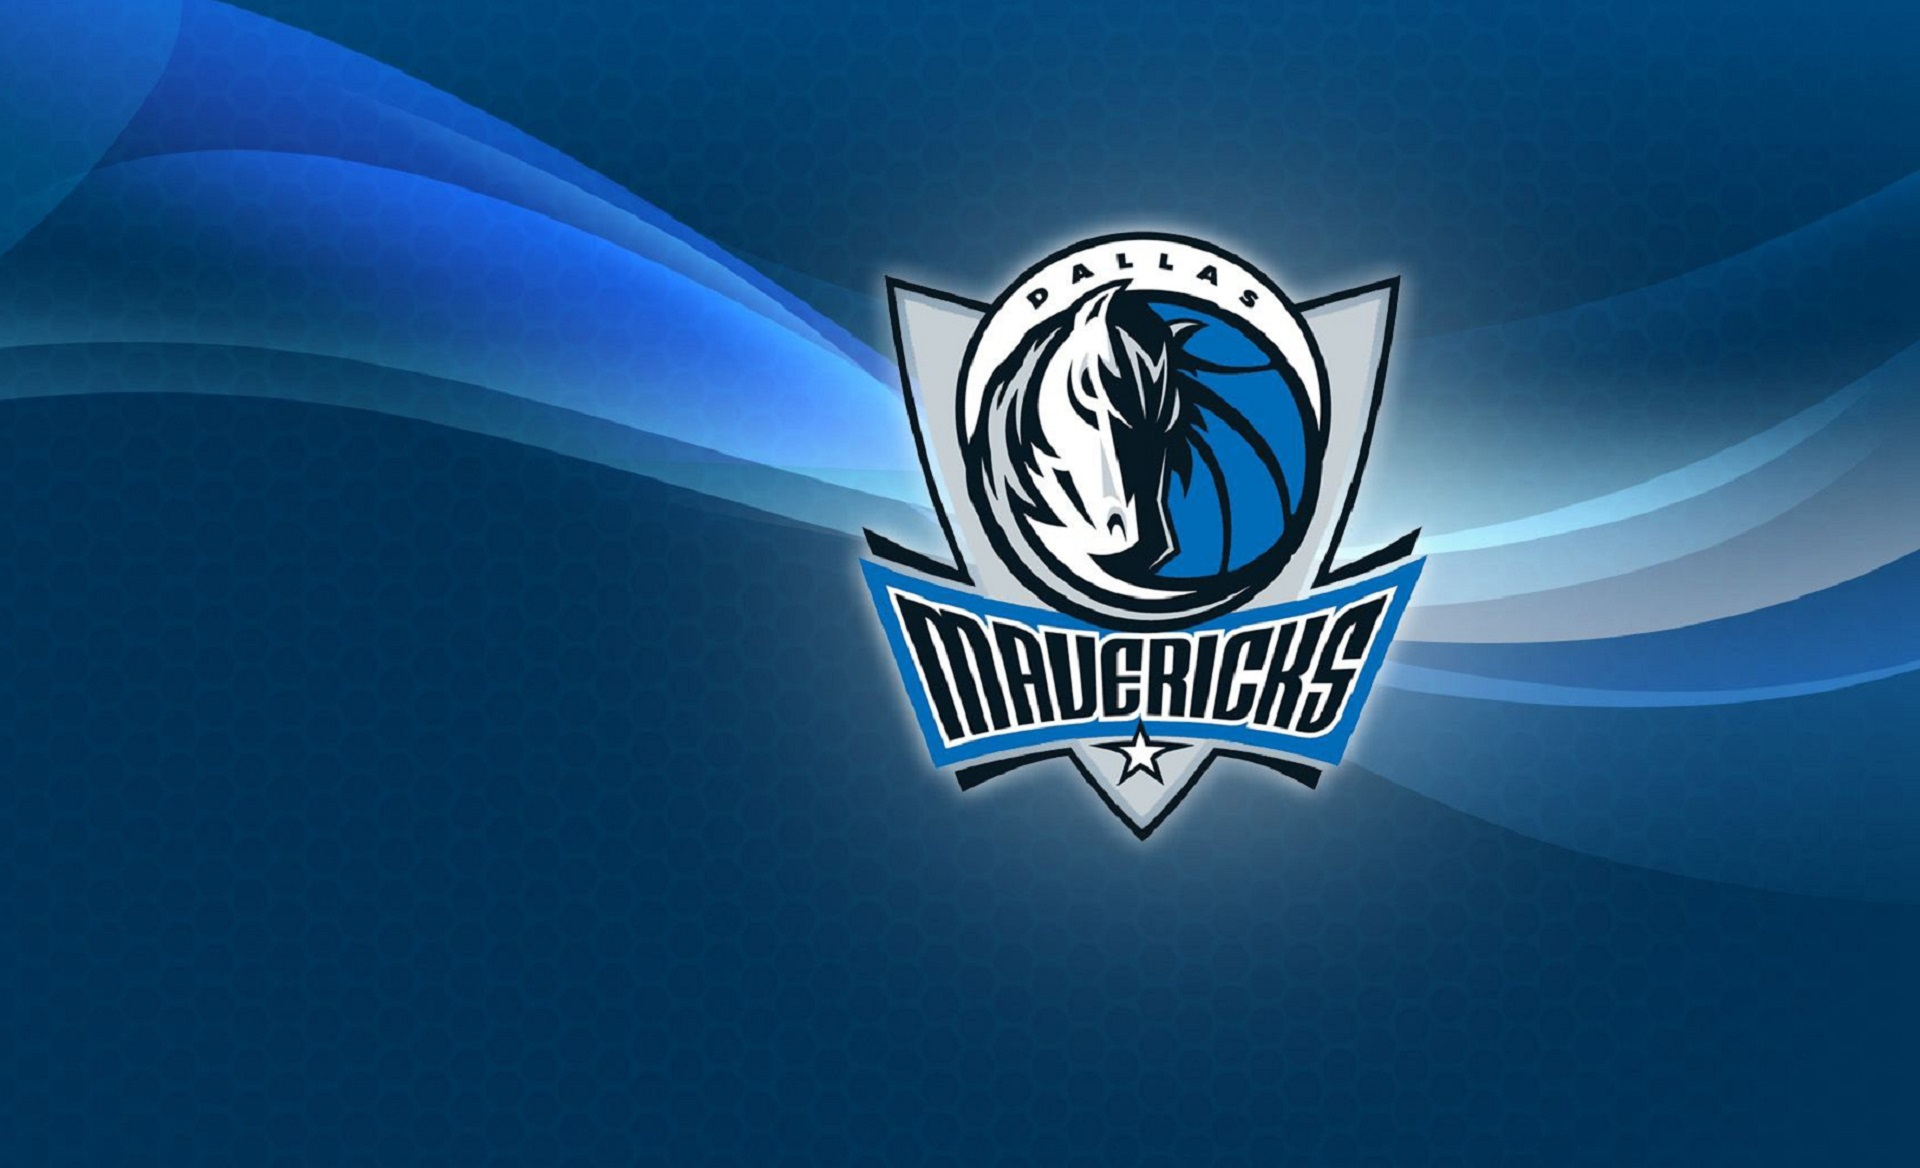 Dallas Mavericks 3D Logo Wallpaper | Basketball Wallpapers ... |Dallas Mavericks Wallpapers